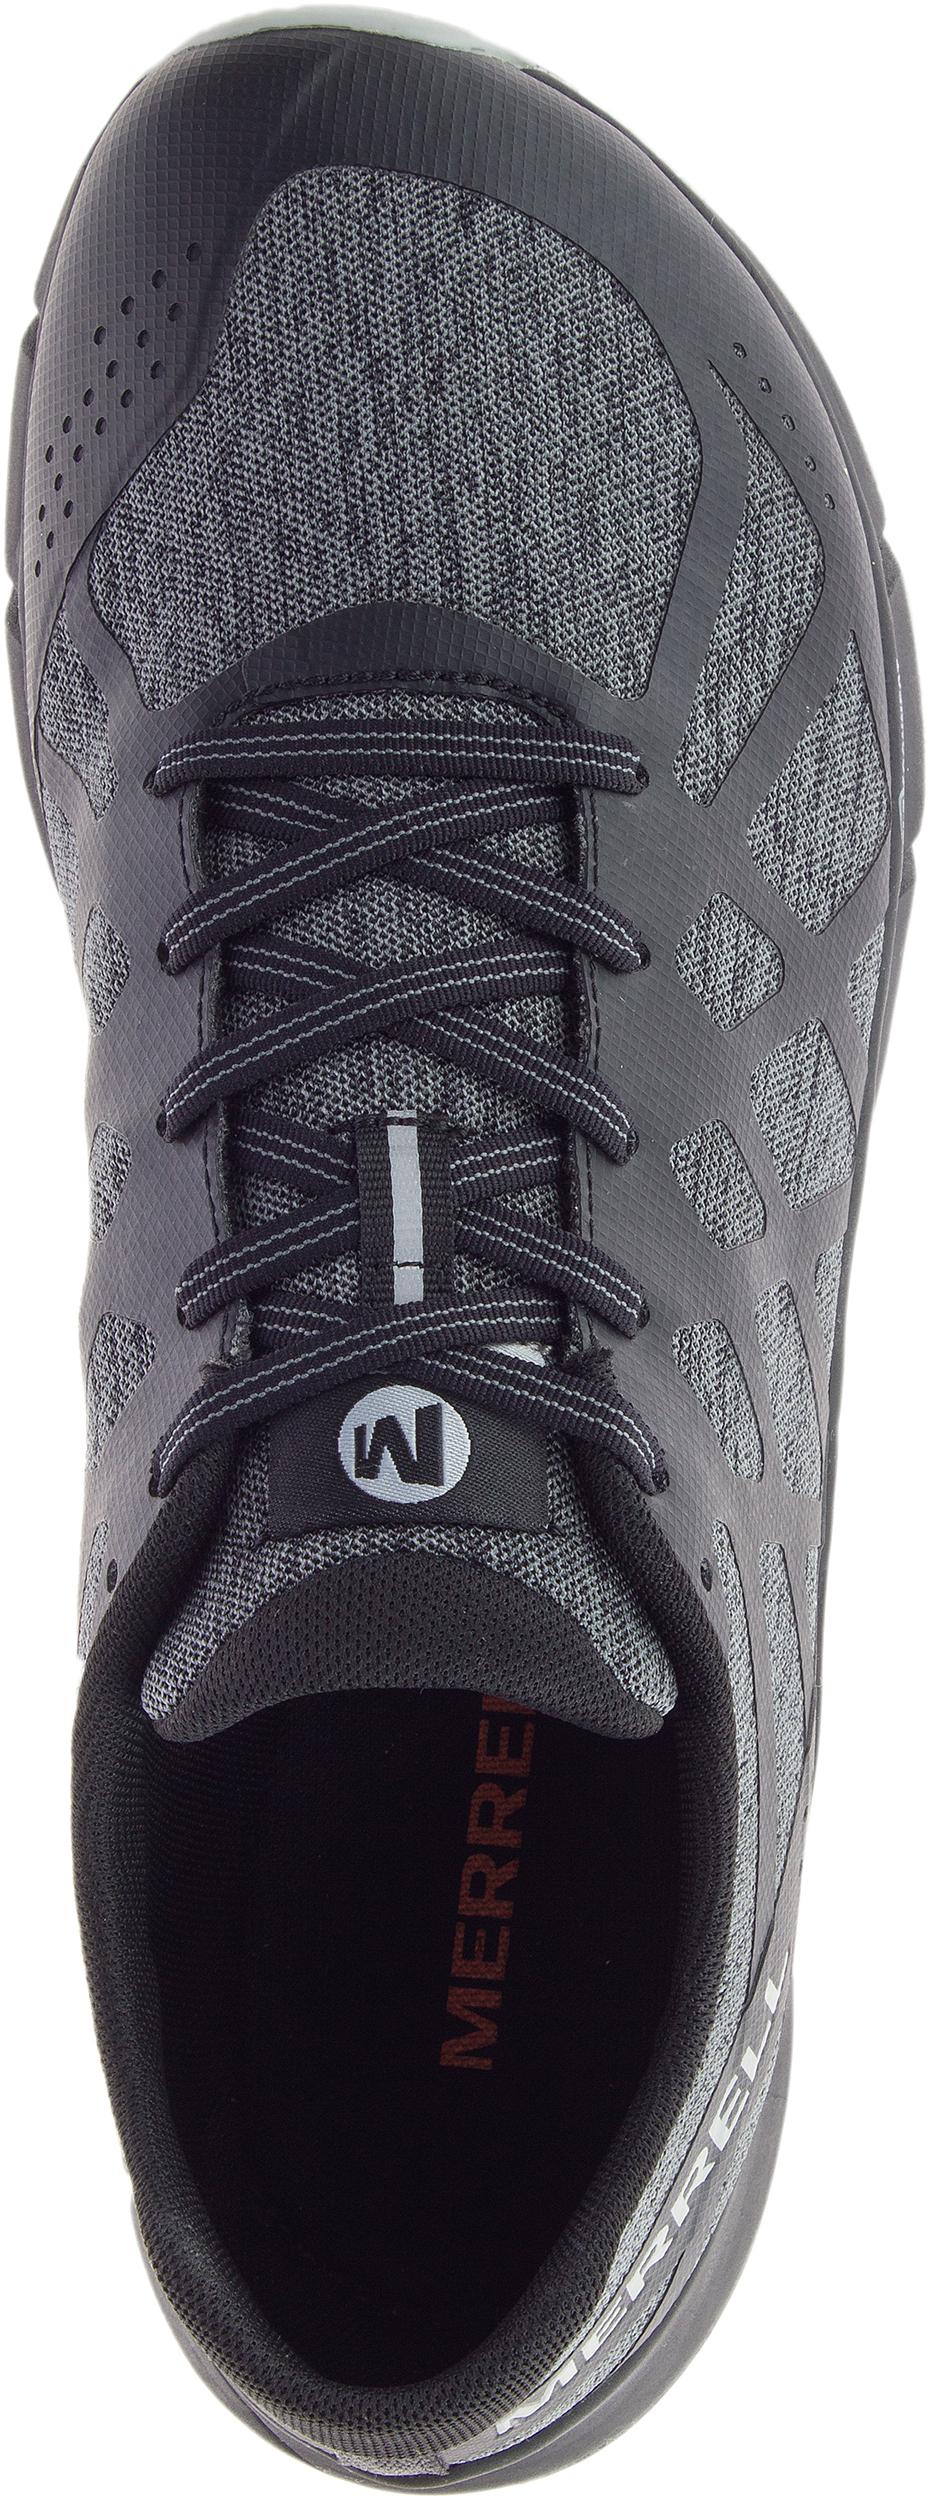 Shoes Men's Trail Merrell Access Bare Flex Running 2 K1JT3lFc